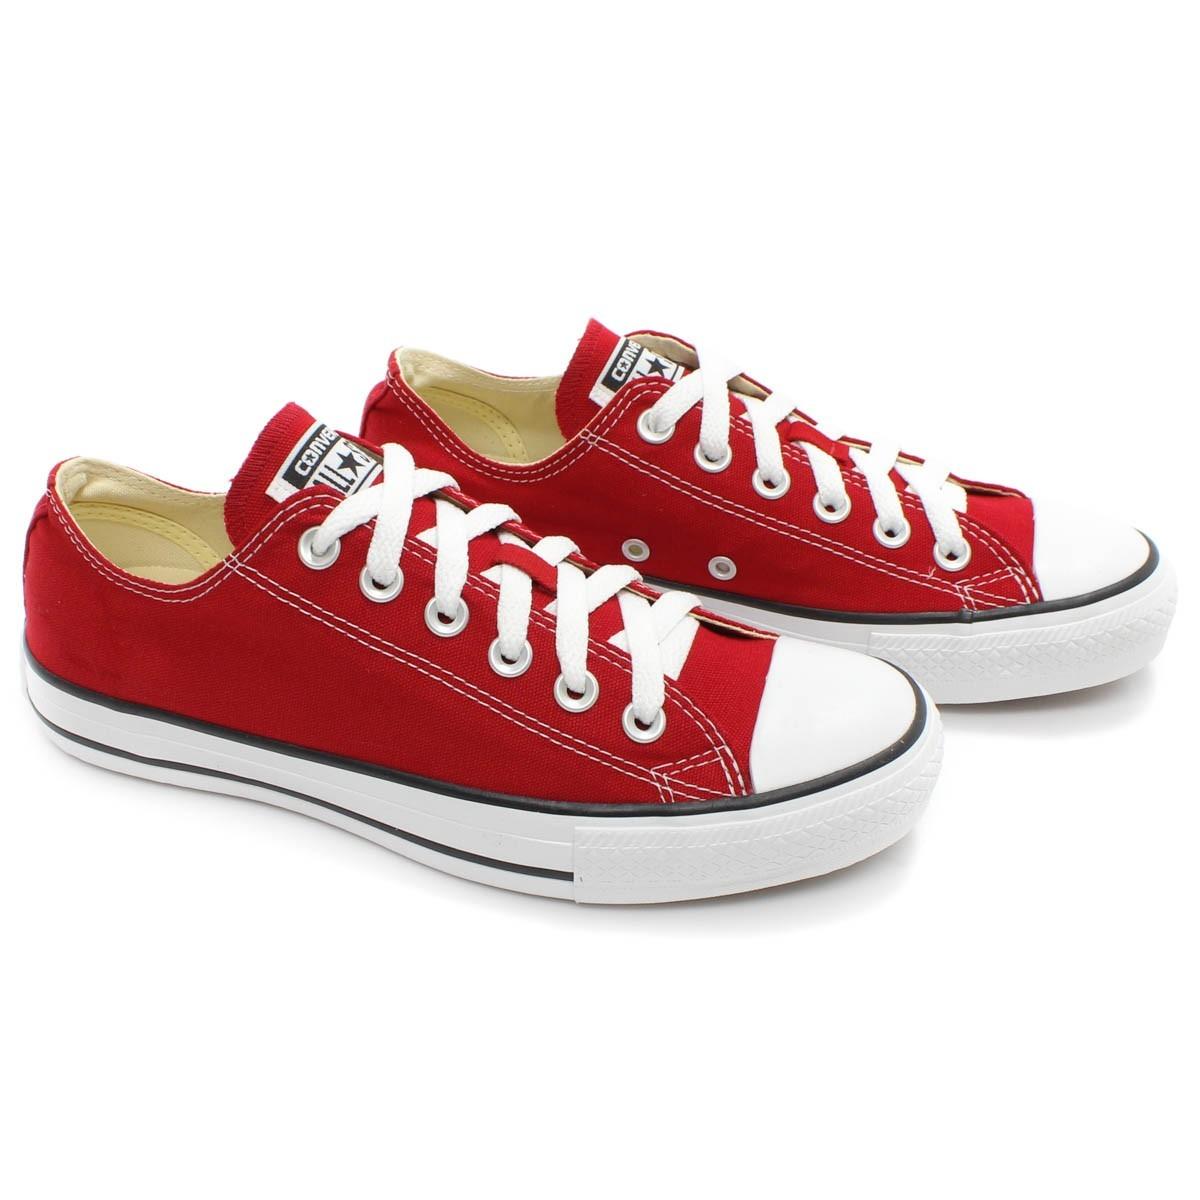 5796cdd1c7e Tênis Converse All Star Feminino Vermelho